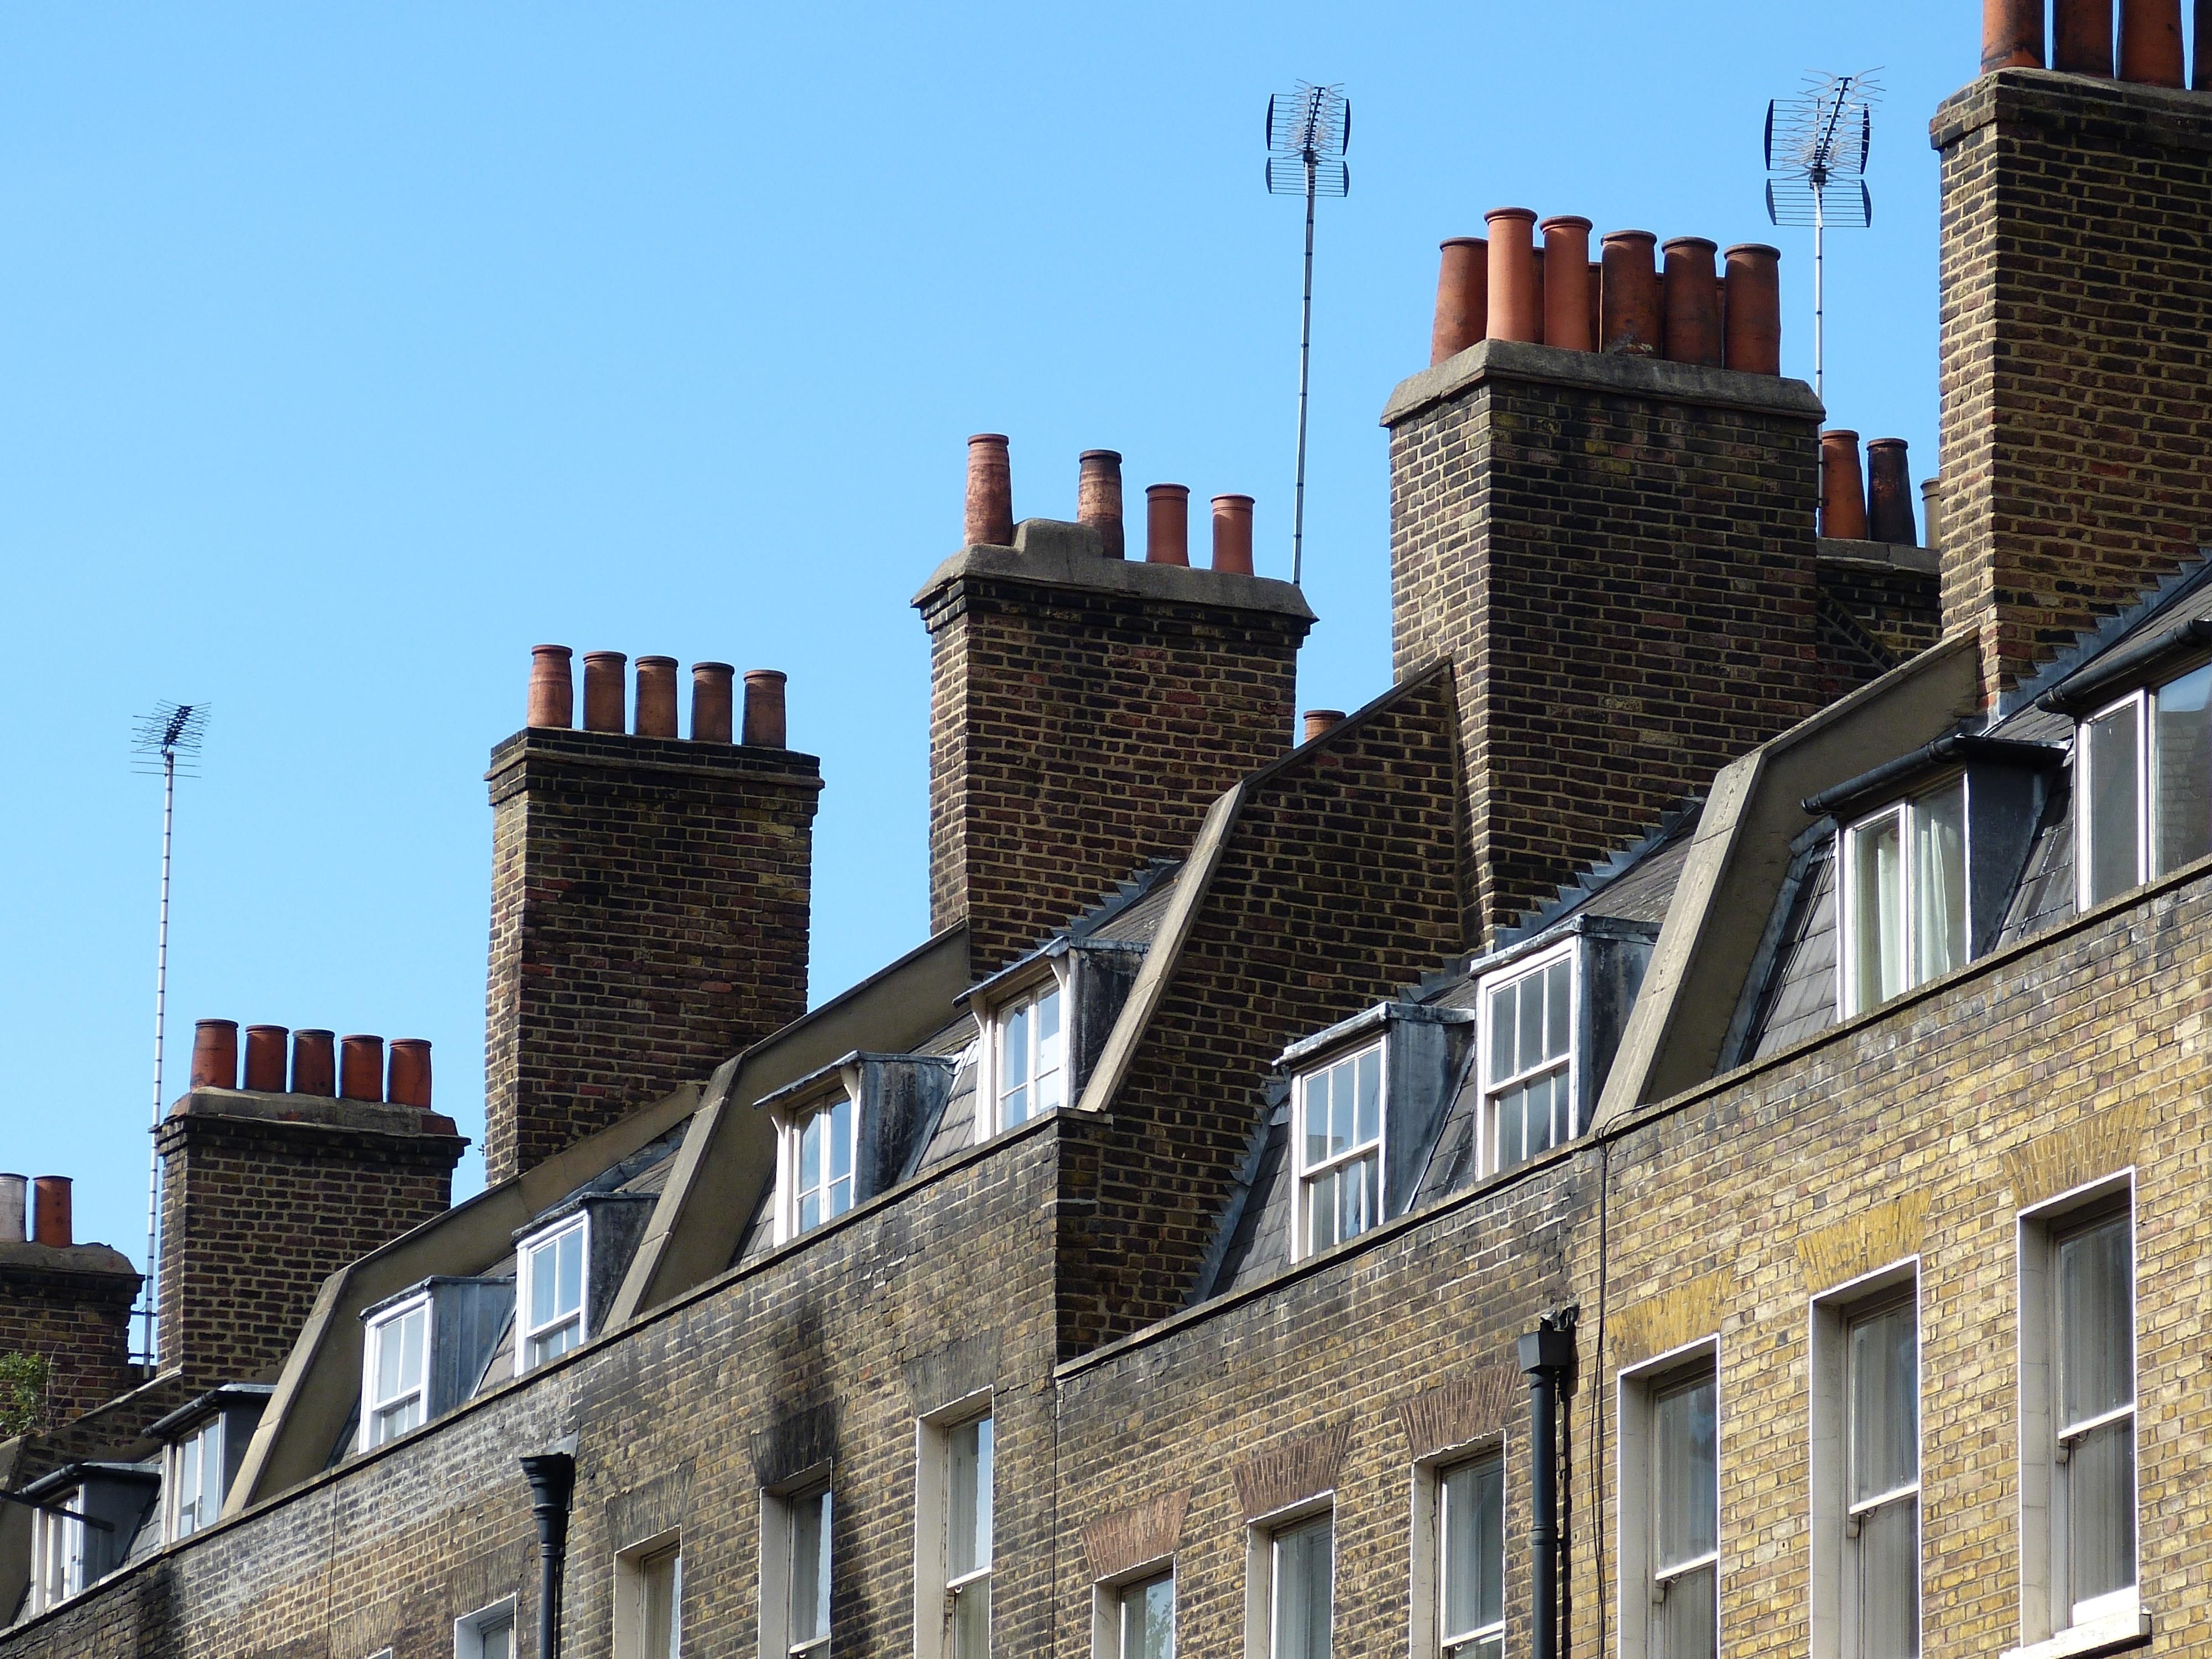 casa pared paisaje urbano centro de la ciudad antena tubo de lmpara castillo punto de referencia chimenea fachada turismo camino acutico